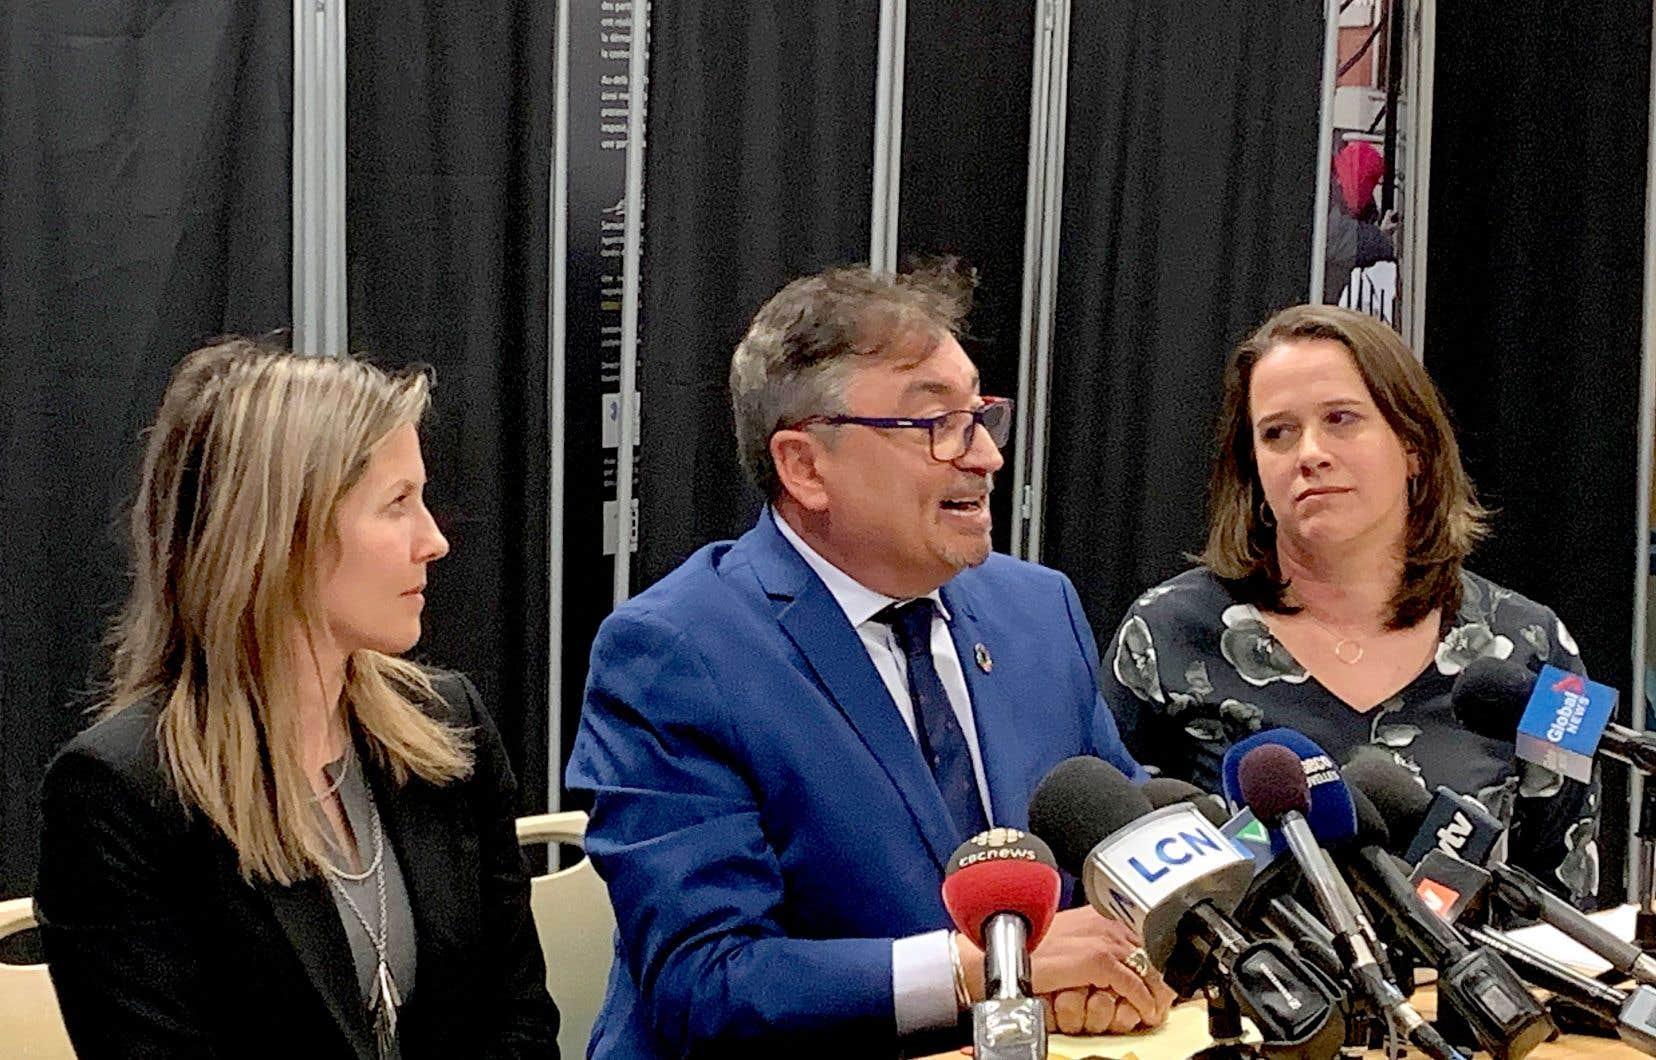 Le directeur national de santé publique, Horacio Arruda, a donné un point de presse mercredi à Montréal, avec les directrices de santé publique de la Montérégie et de Montréal, Julie Loslier et la Dr Mylène Drouin.